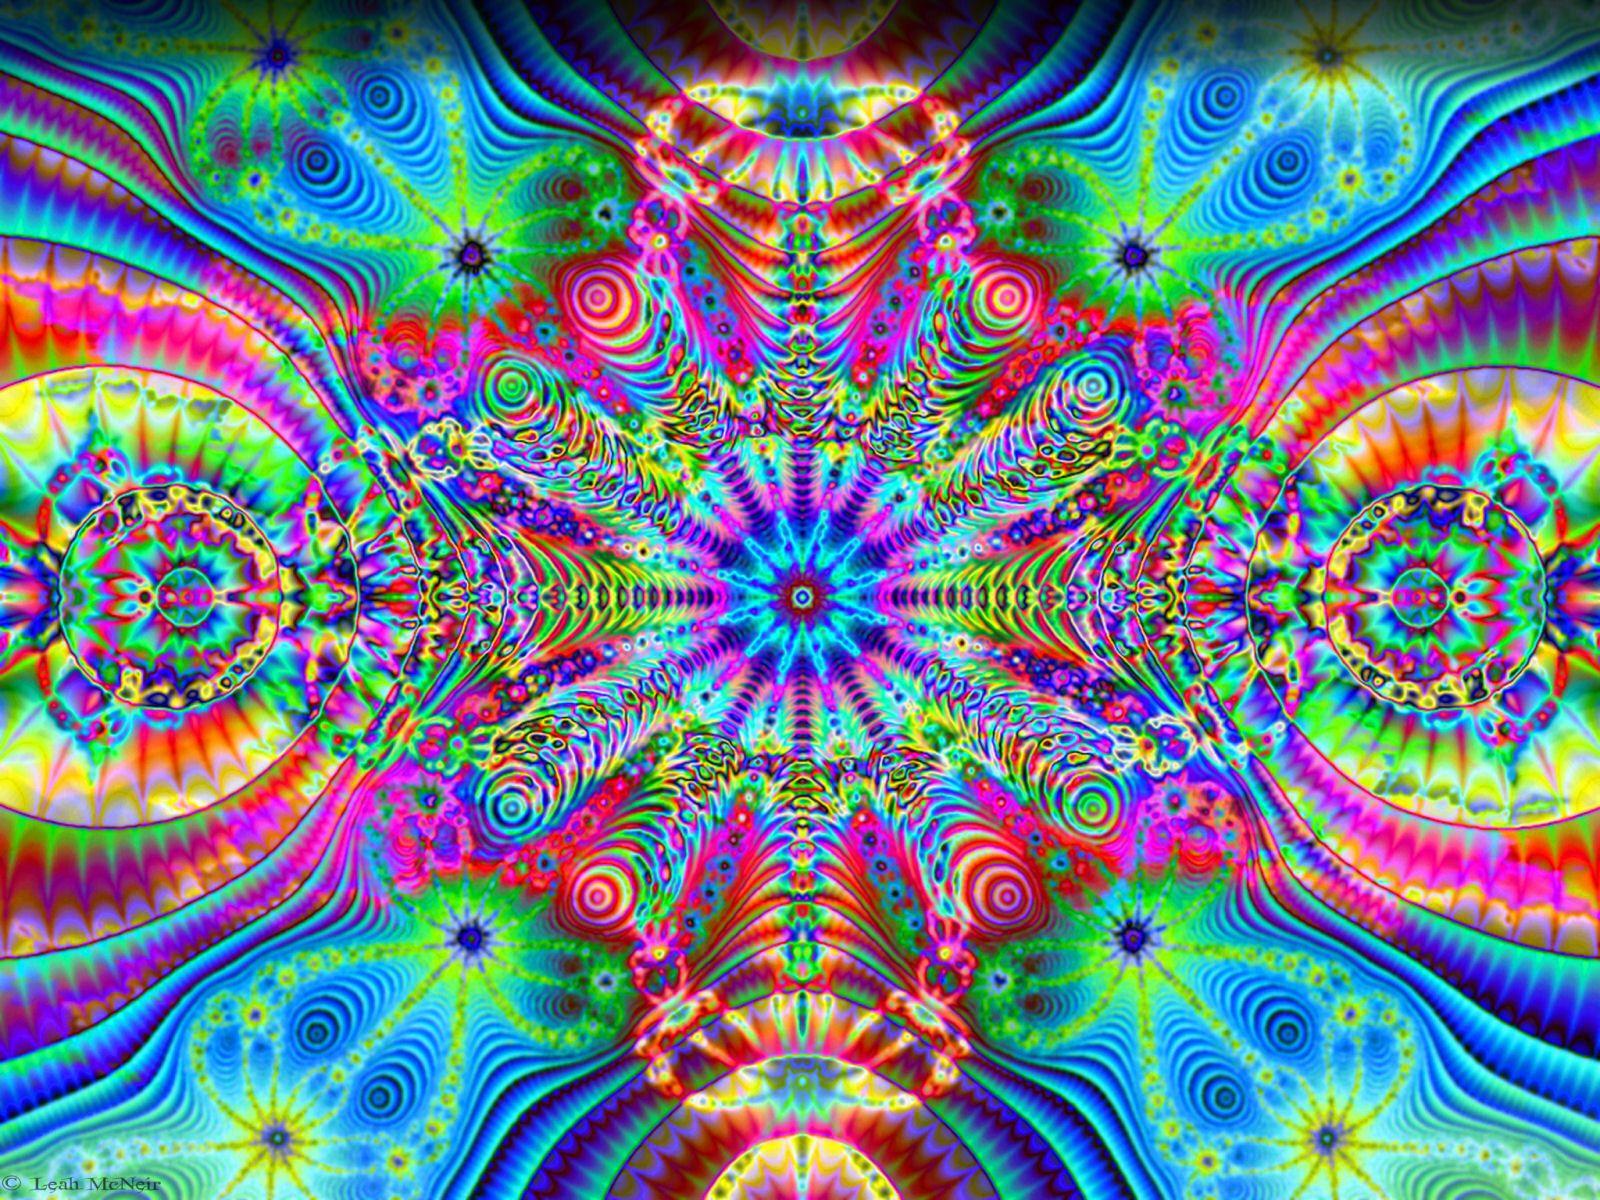 Imagem de http://www.central3.com.br/wp-content/uploads/2014/11/colorful-Fractal-Background.jpg.